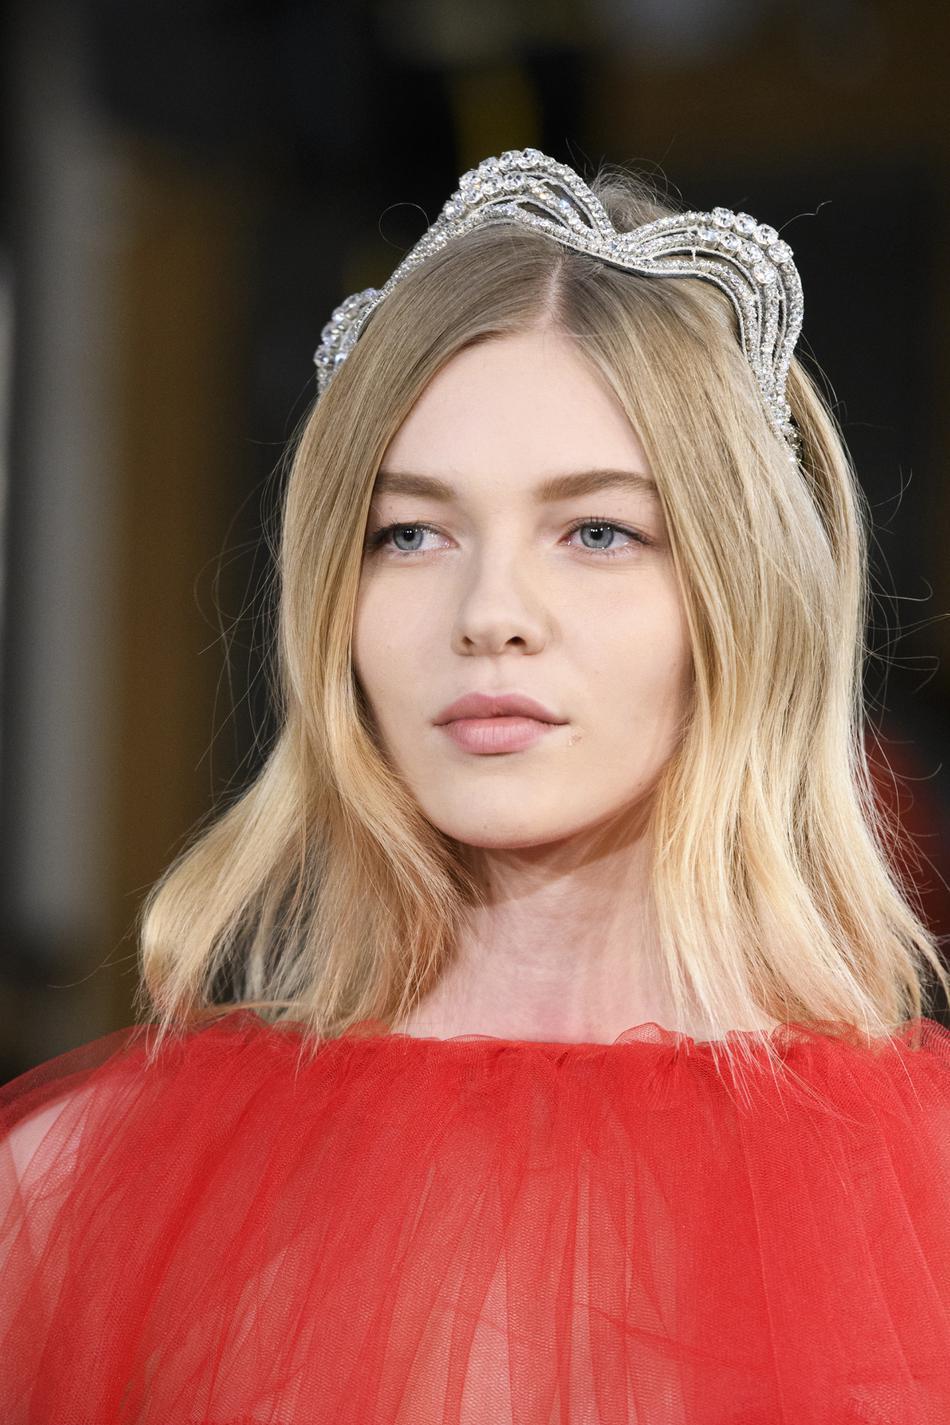 f3e8e4c22aed ... Coiffures avec accessoires de la Fashion Week - le diadème sophistiqué,  Alexis Mabille ...